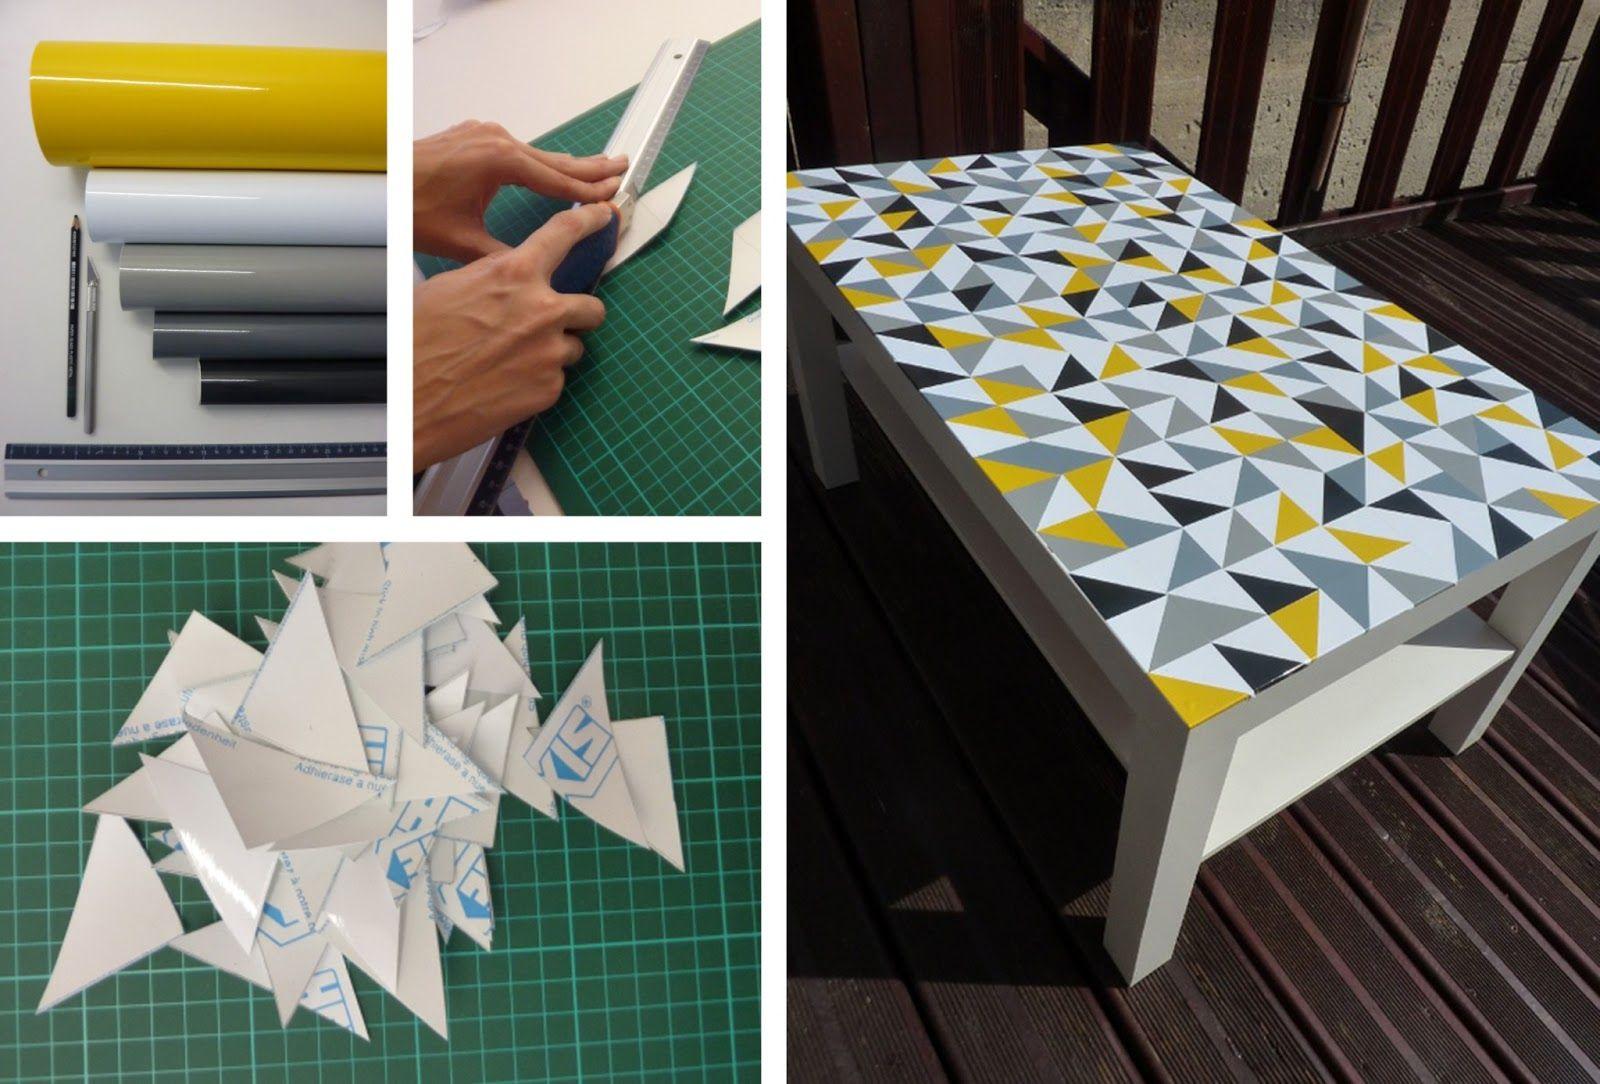 Ikea Hacker - Decora tu mesa lack con vinilos recortados | Decorar ...